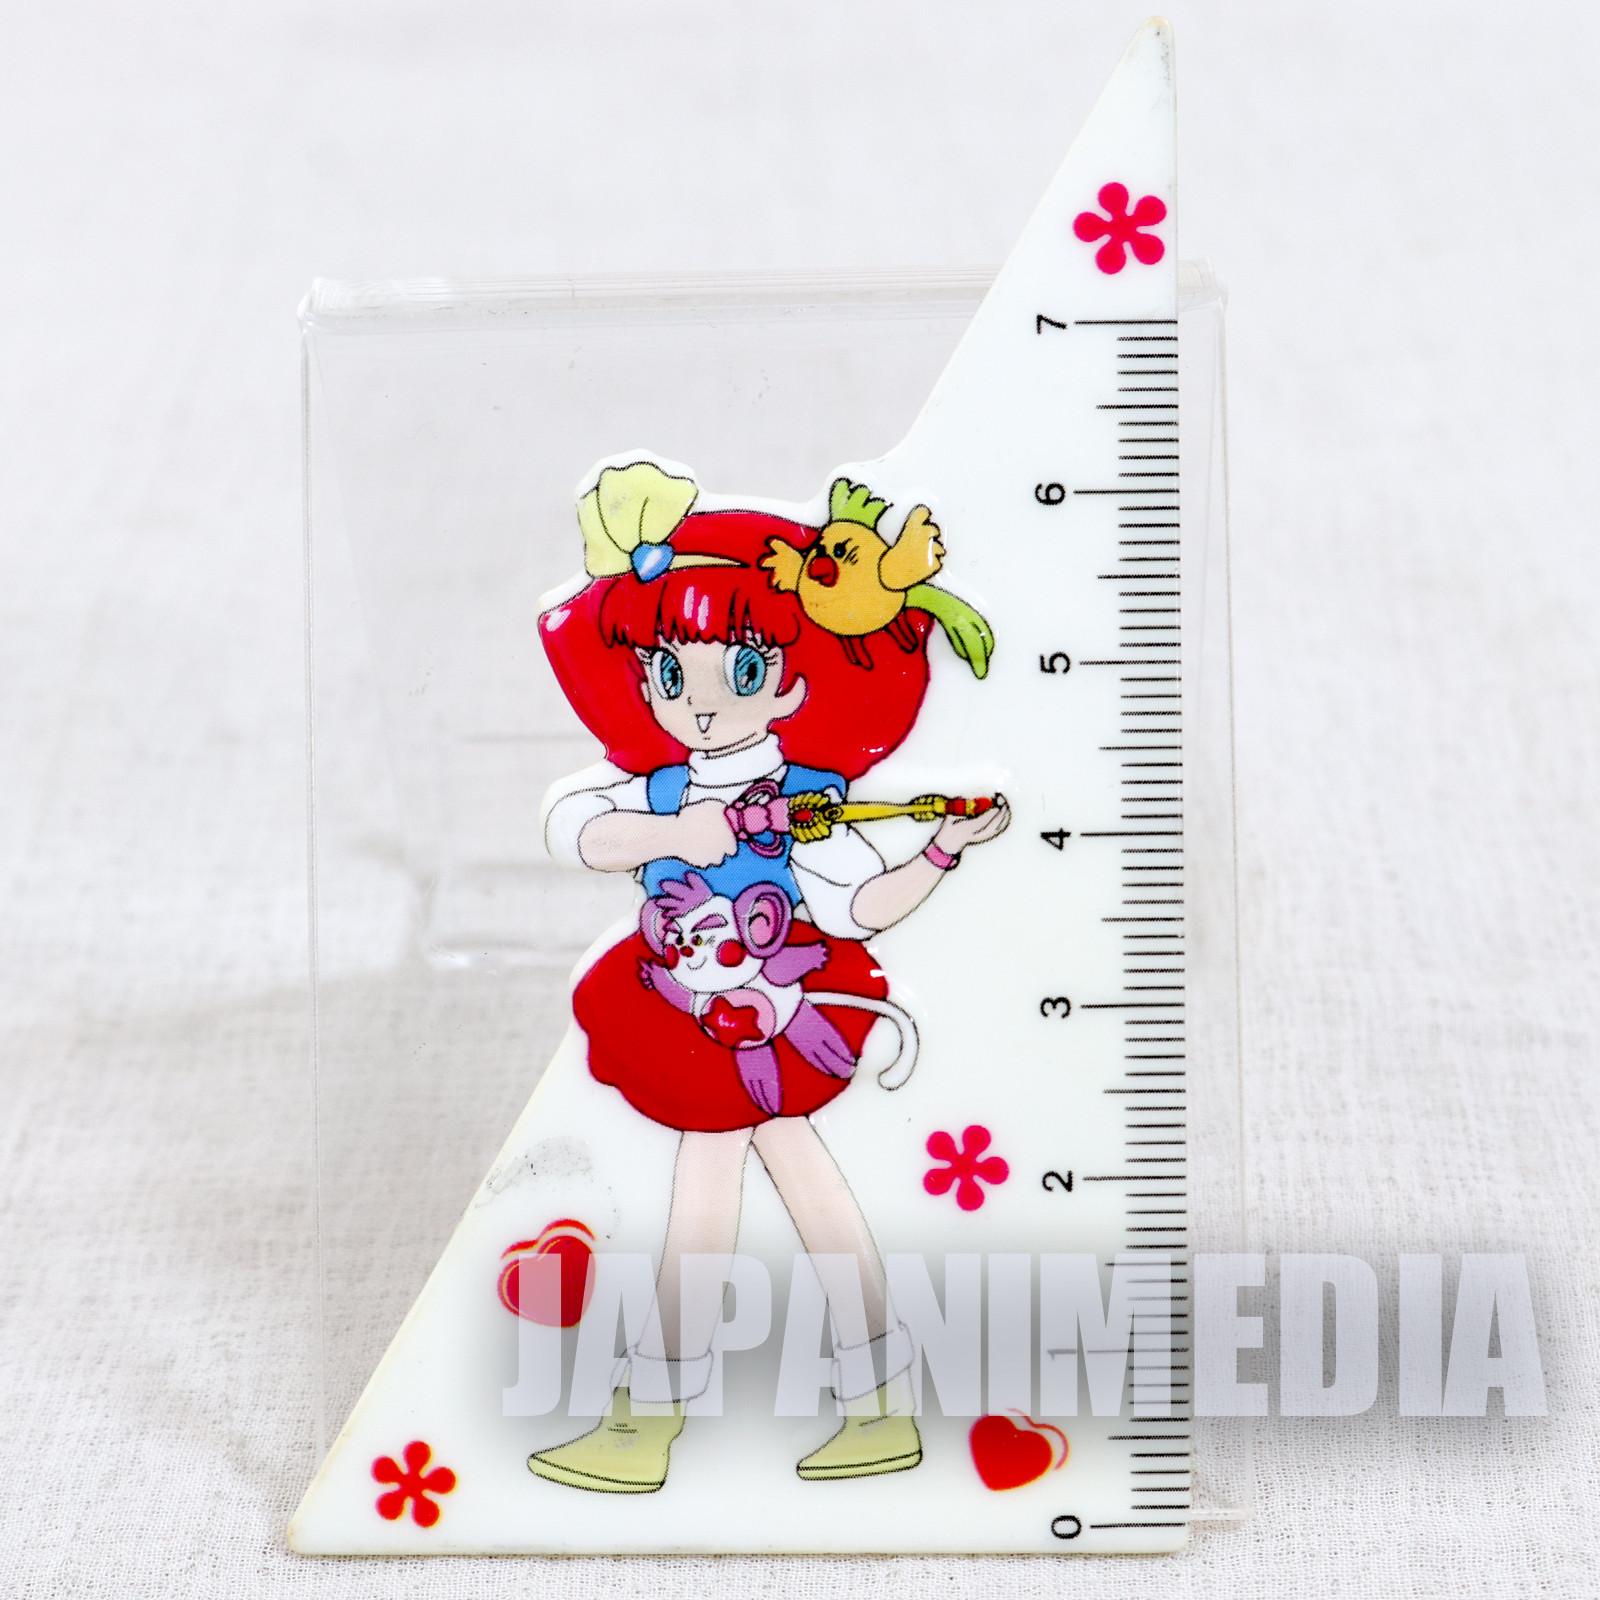 Retro Magical Princess Minky Momo 7cm Set Square Triangle JAPAN ANIME